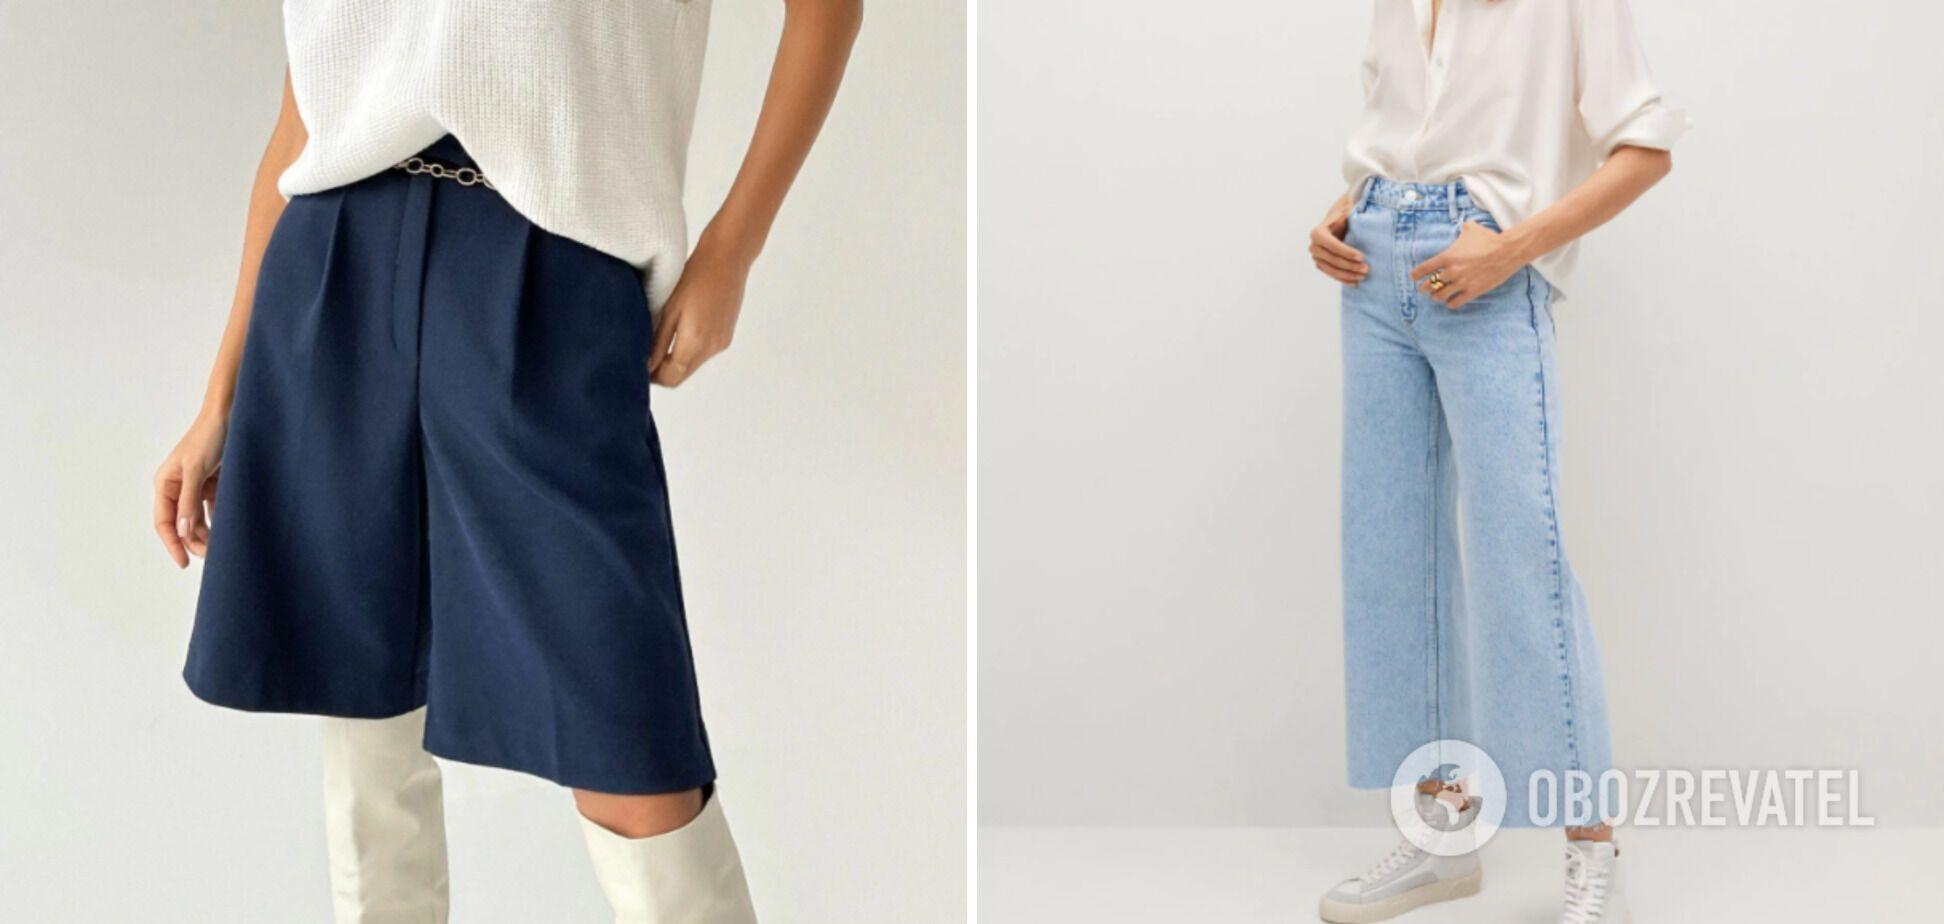 Незамінні речі на літо 2021 – шорти-бермуди і джинси